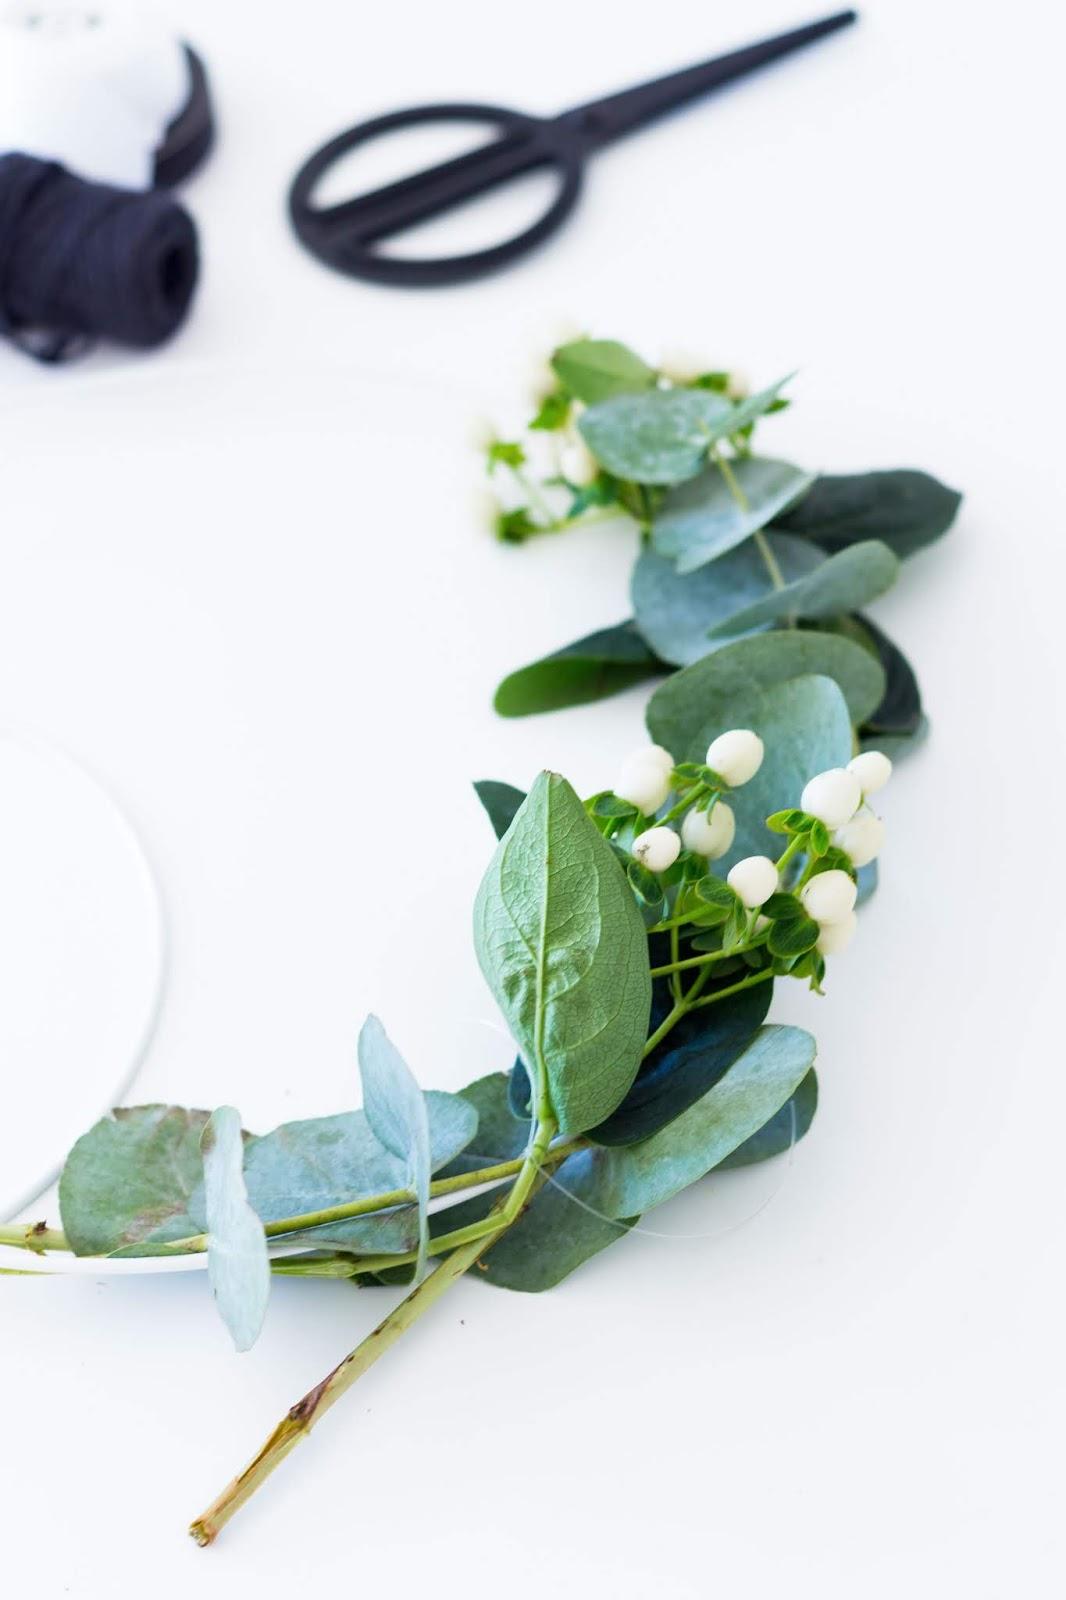 DIY | Herbstkranz aus Eukalyptus und Schneebeere selber binden | www.sparklyinspiration.com